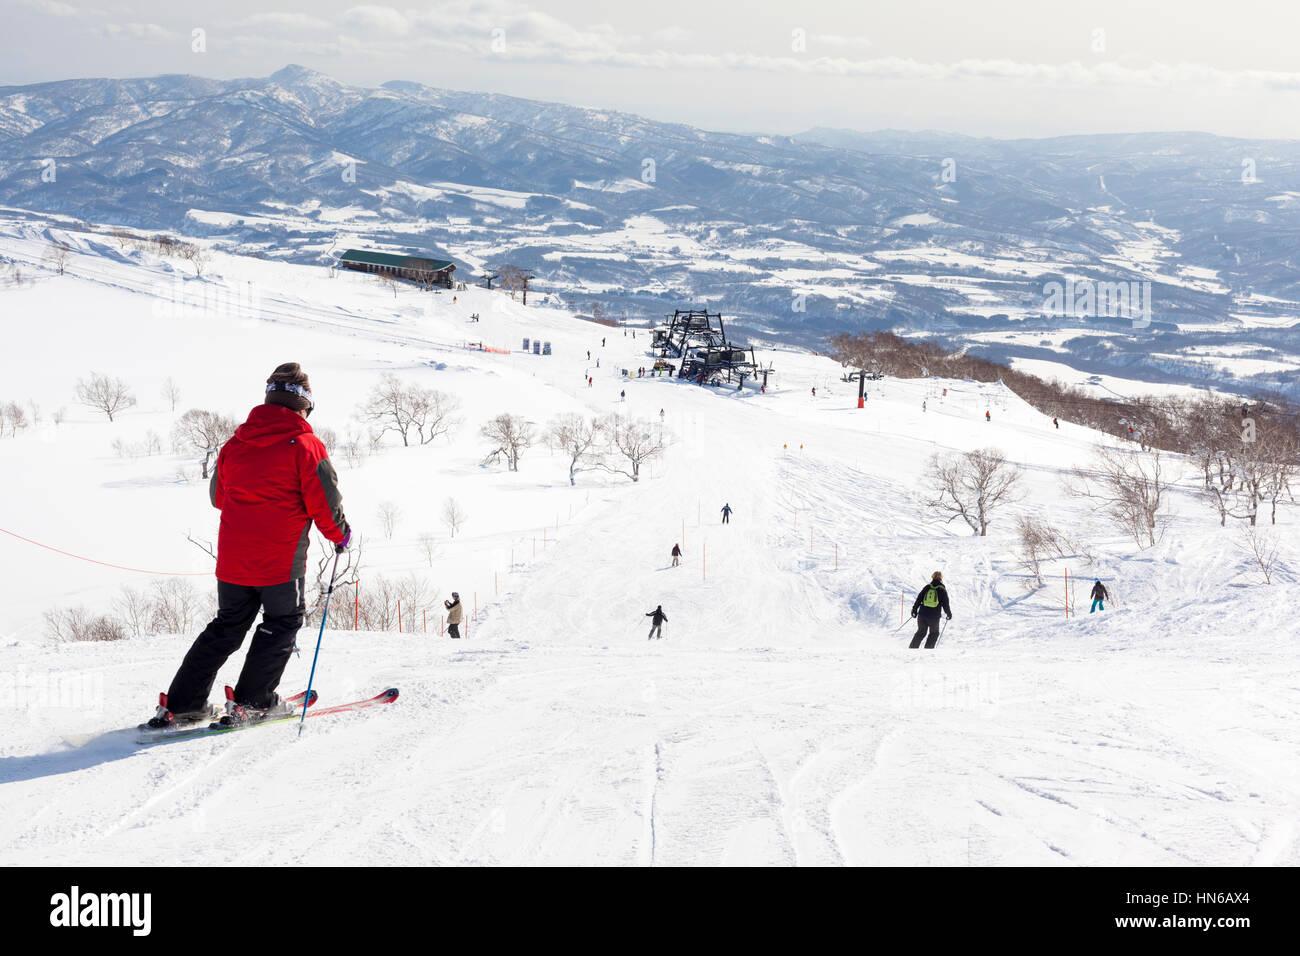 Niseko, Giappone - 4 Marzo 2012: ampia vista che mostra gli sciatori, piste e impianti di risalita del Monte Annupuri Immagini Stock